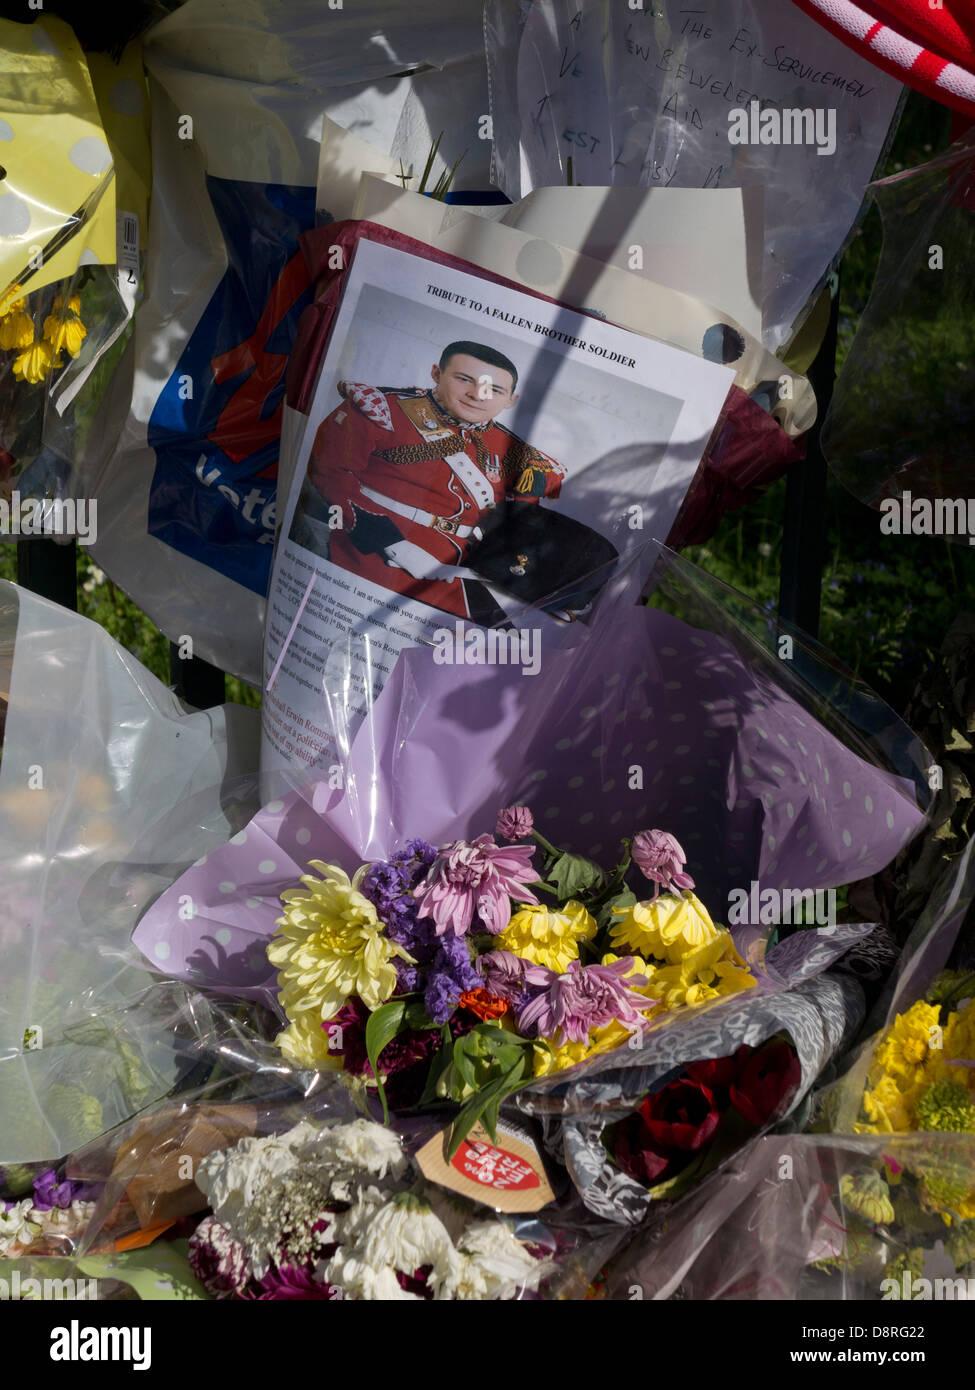 Omaggi floreali per il batterista Lee Rigby, uccisi fuori Woolwich Caserma a Londra il 22 maggio Foto Stock